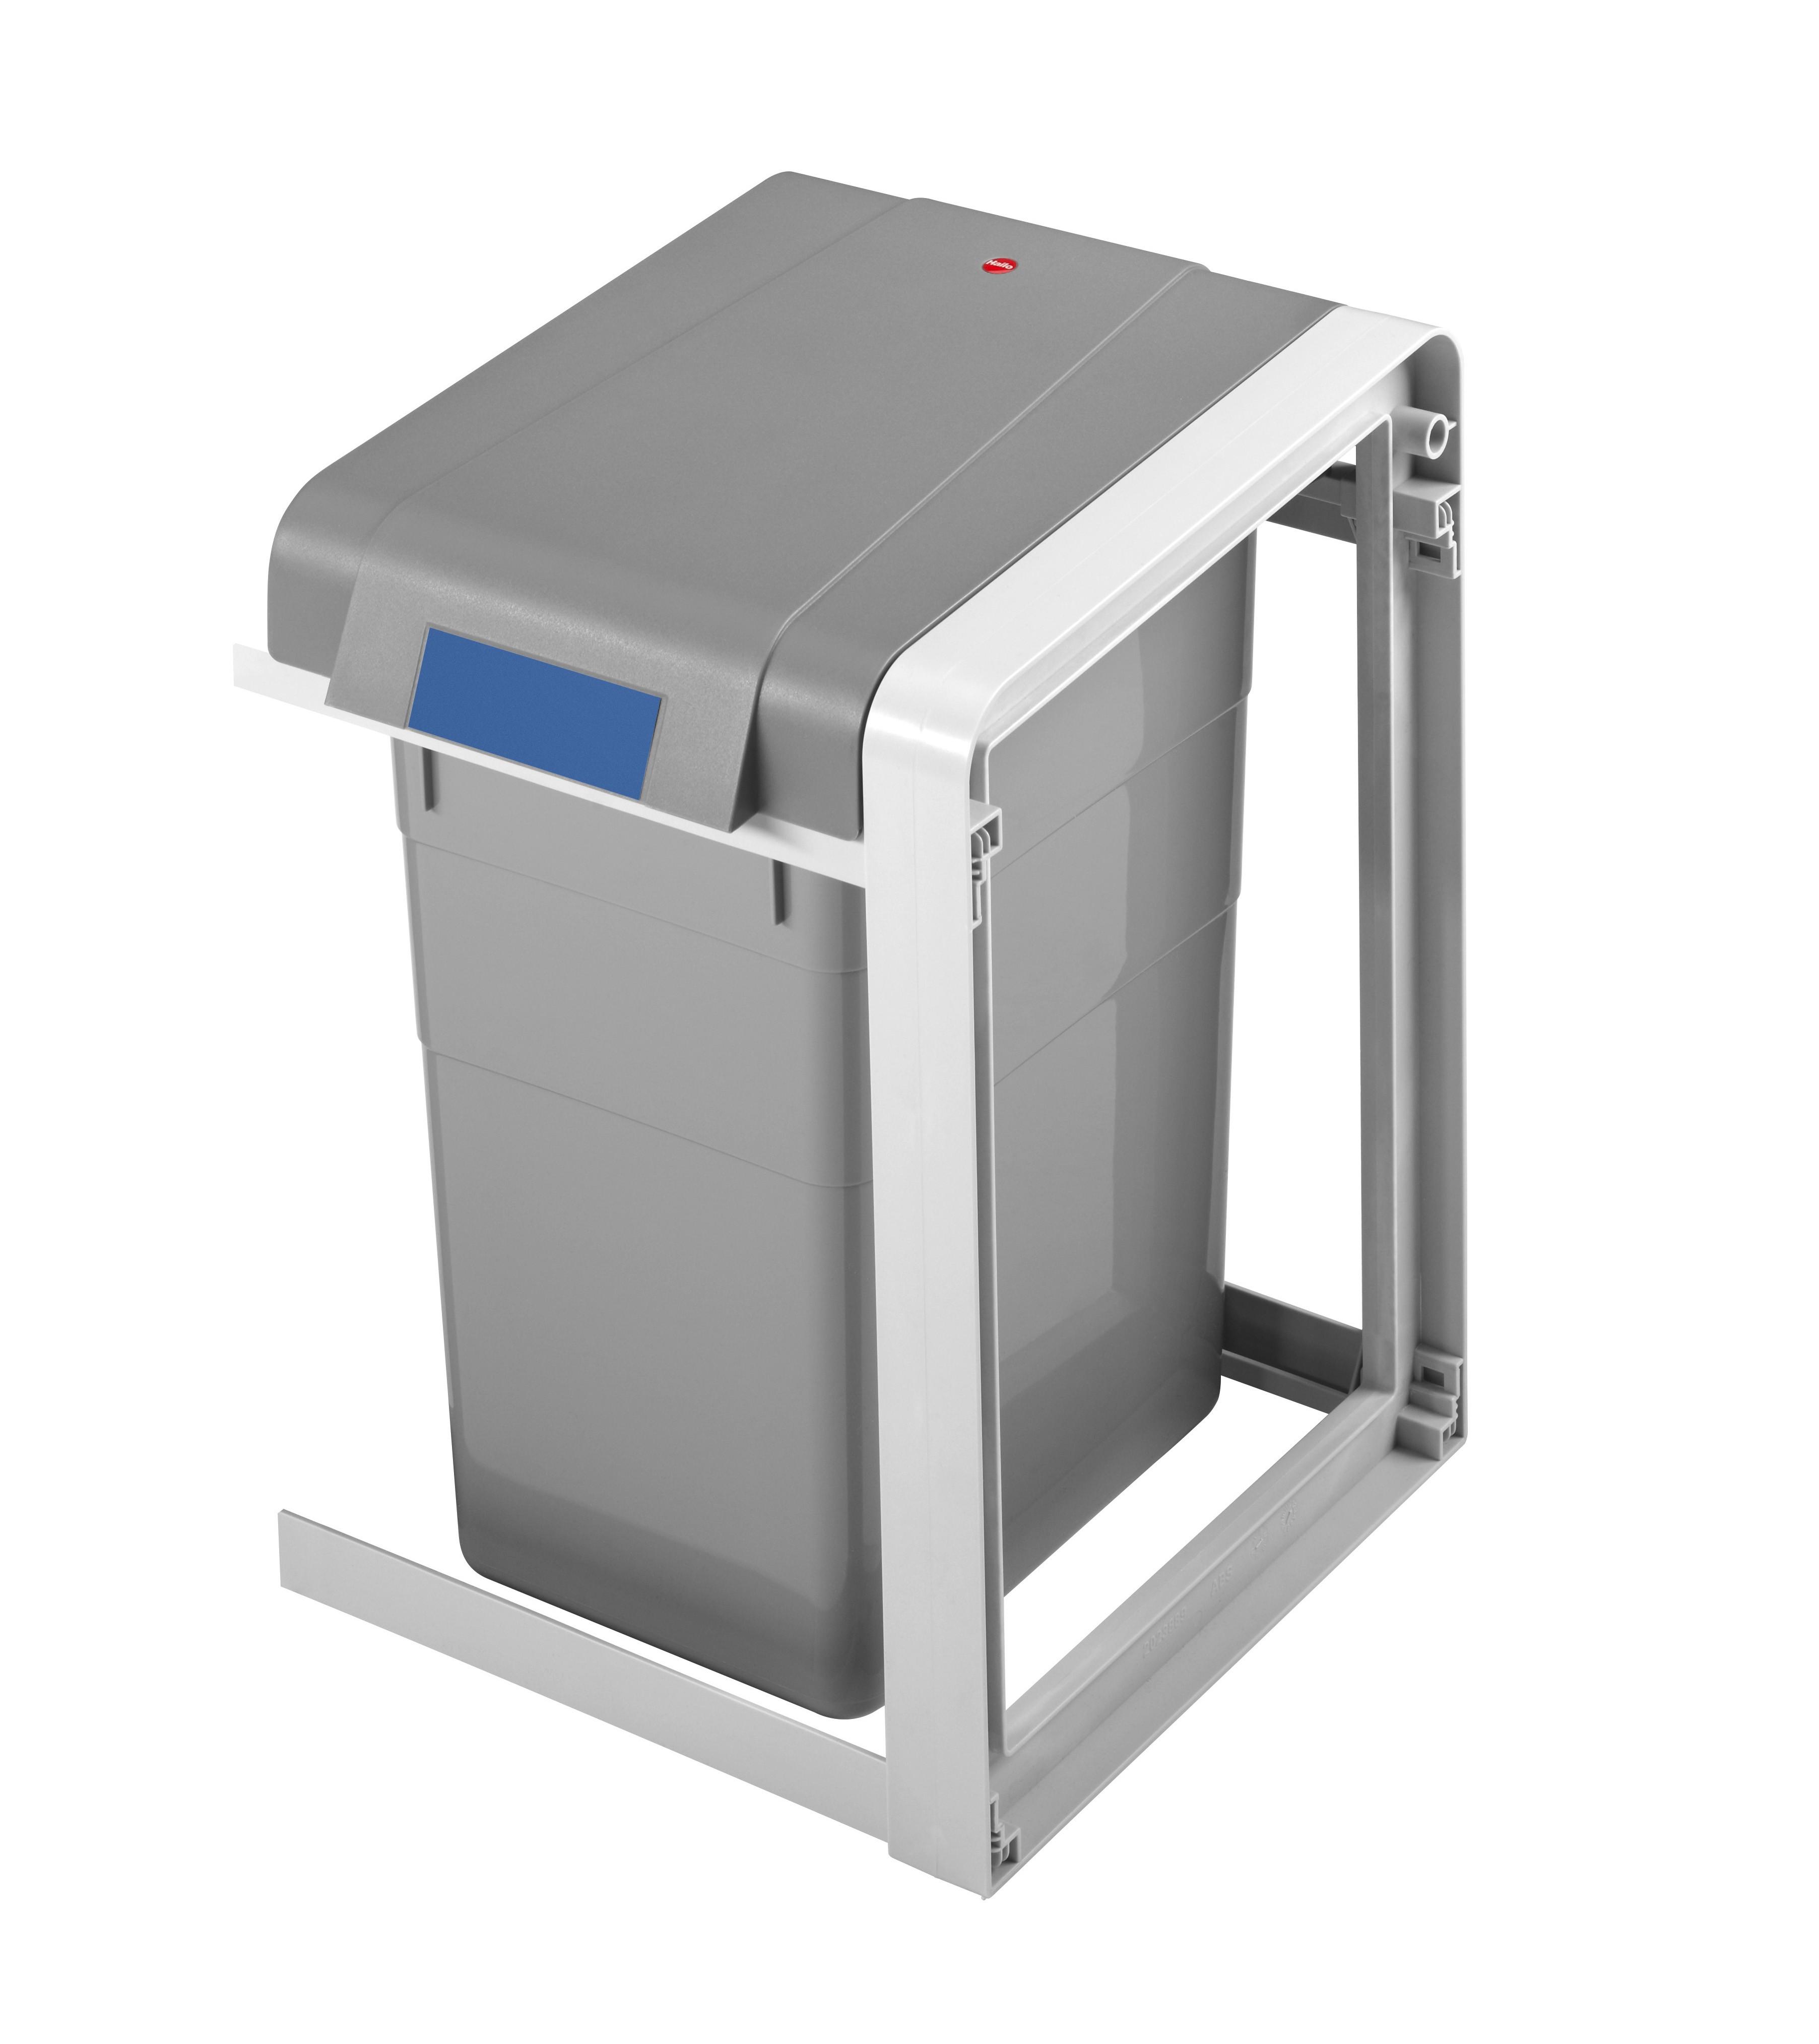 Hailo ProfiLine Öko L, Erweiterungseinheit, Mülltrenn-System, 19 Liter